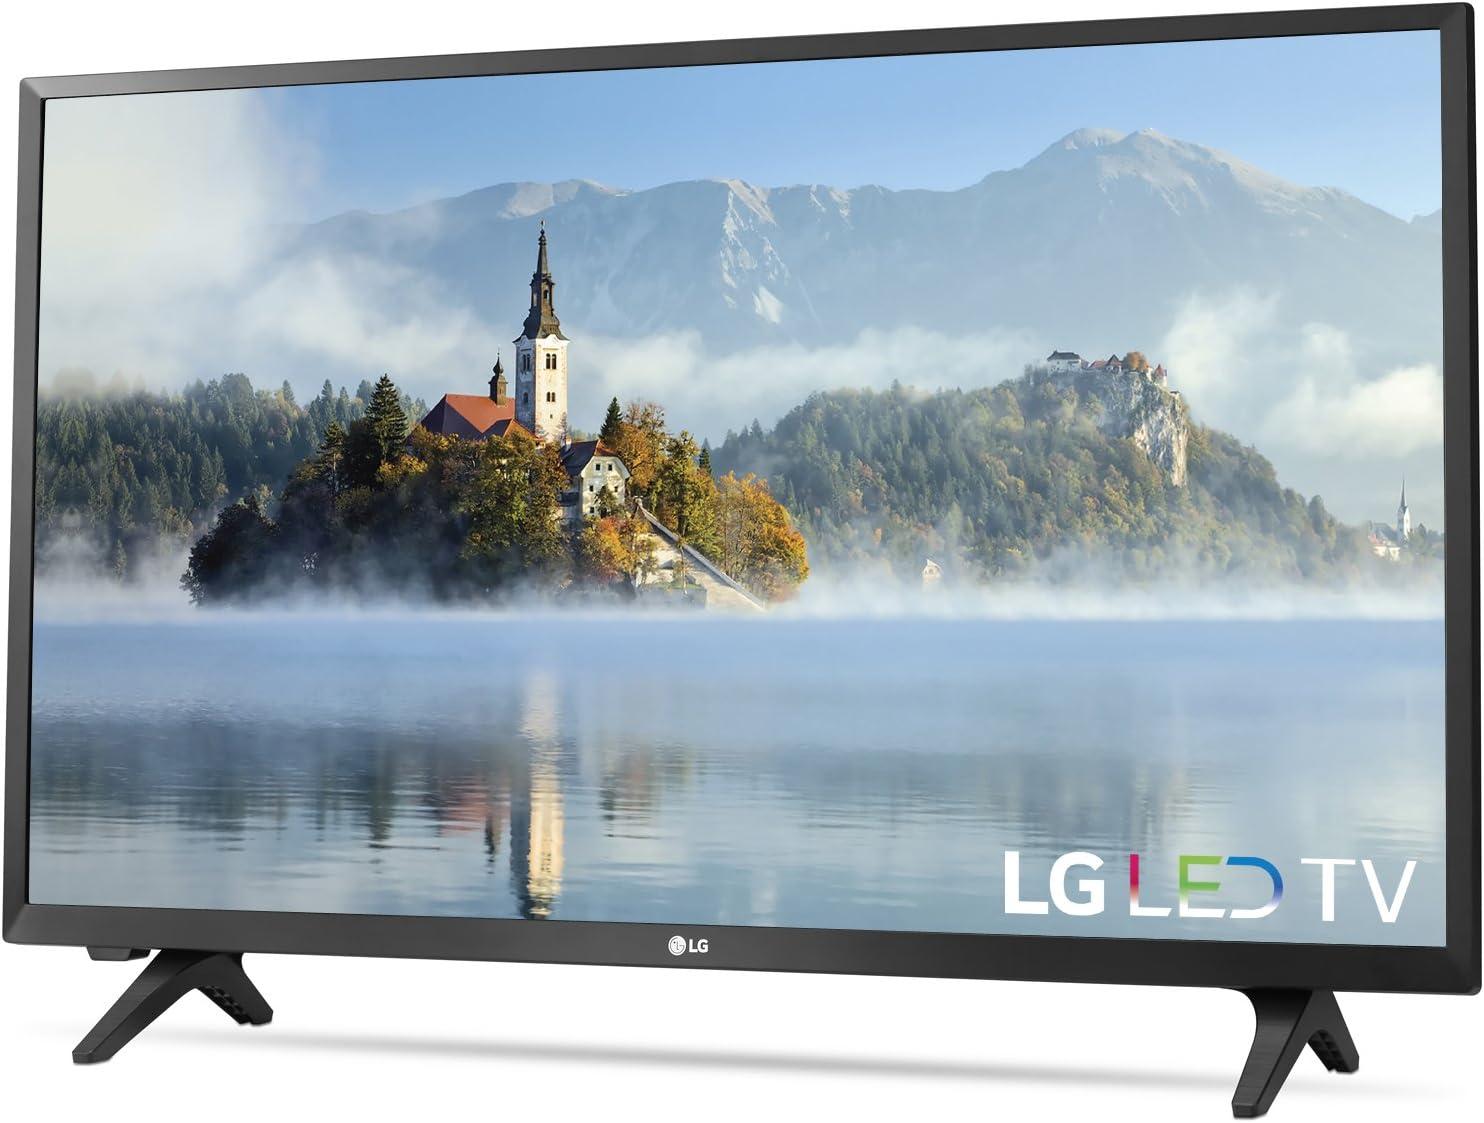 LG Electronics 32